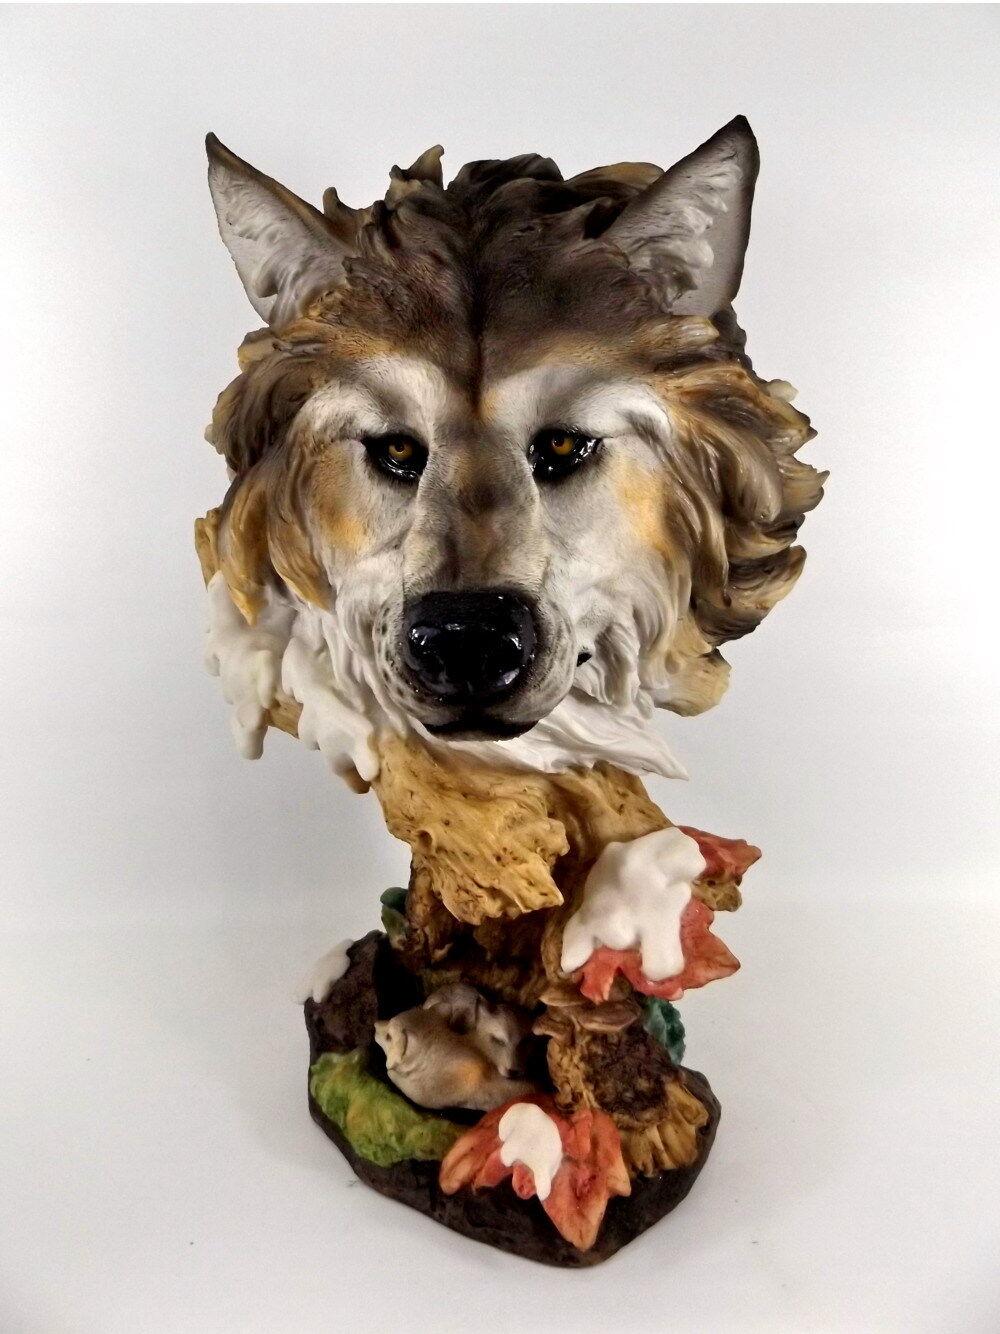 Wolf Kopf Büste Tierfigur Hund Skulptur Deko Tier Figur Statue Wildhund Baby